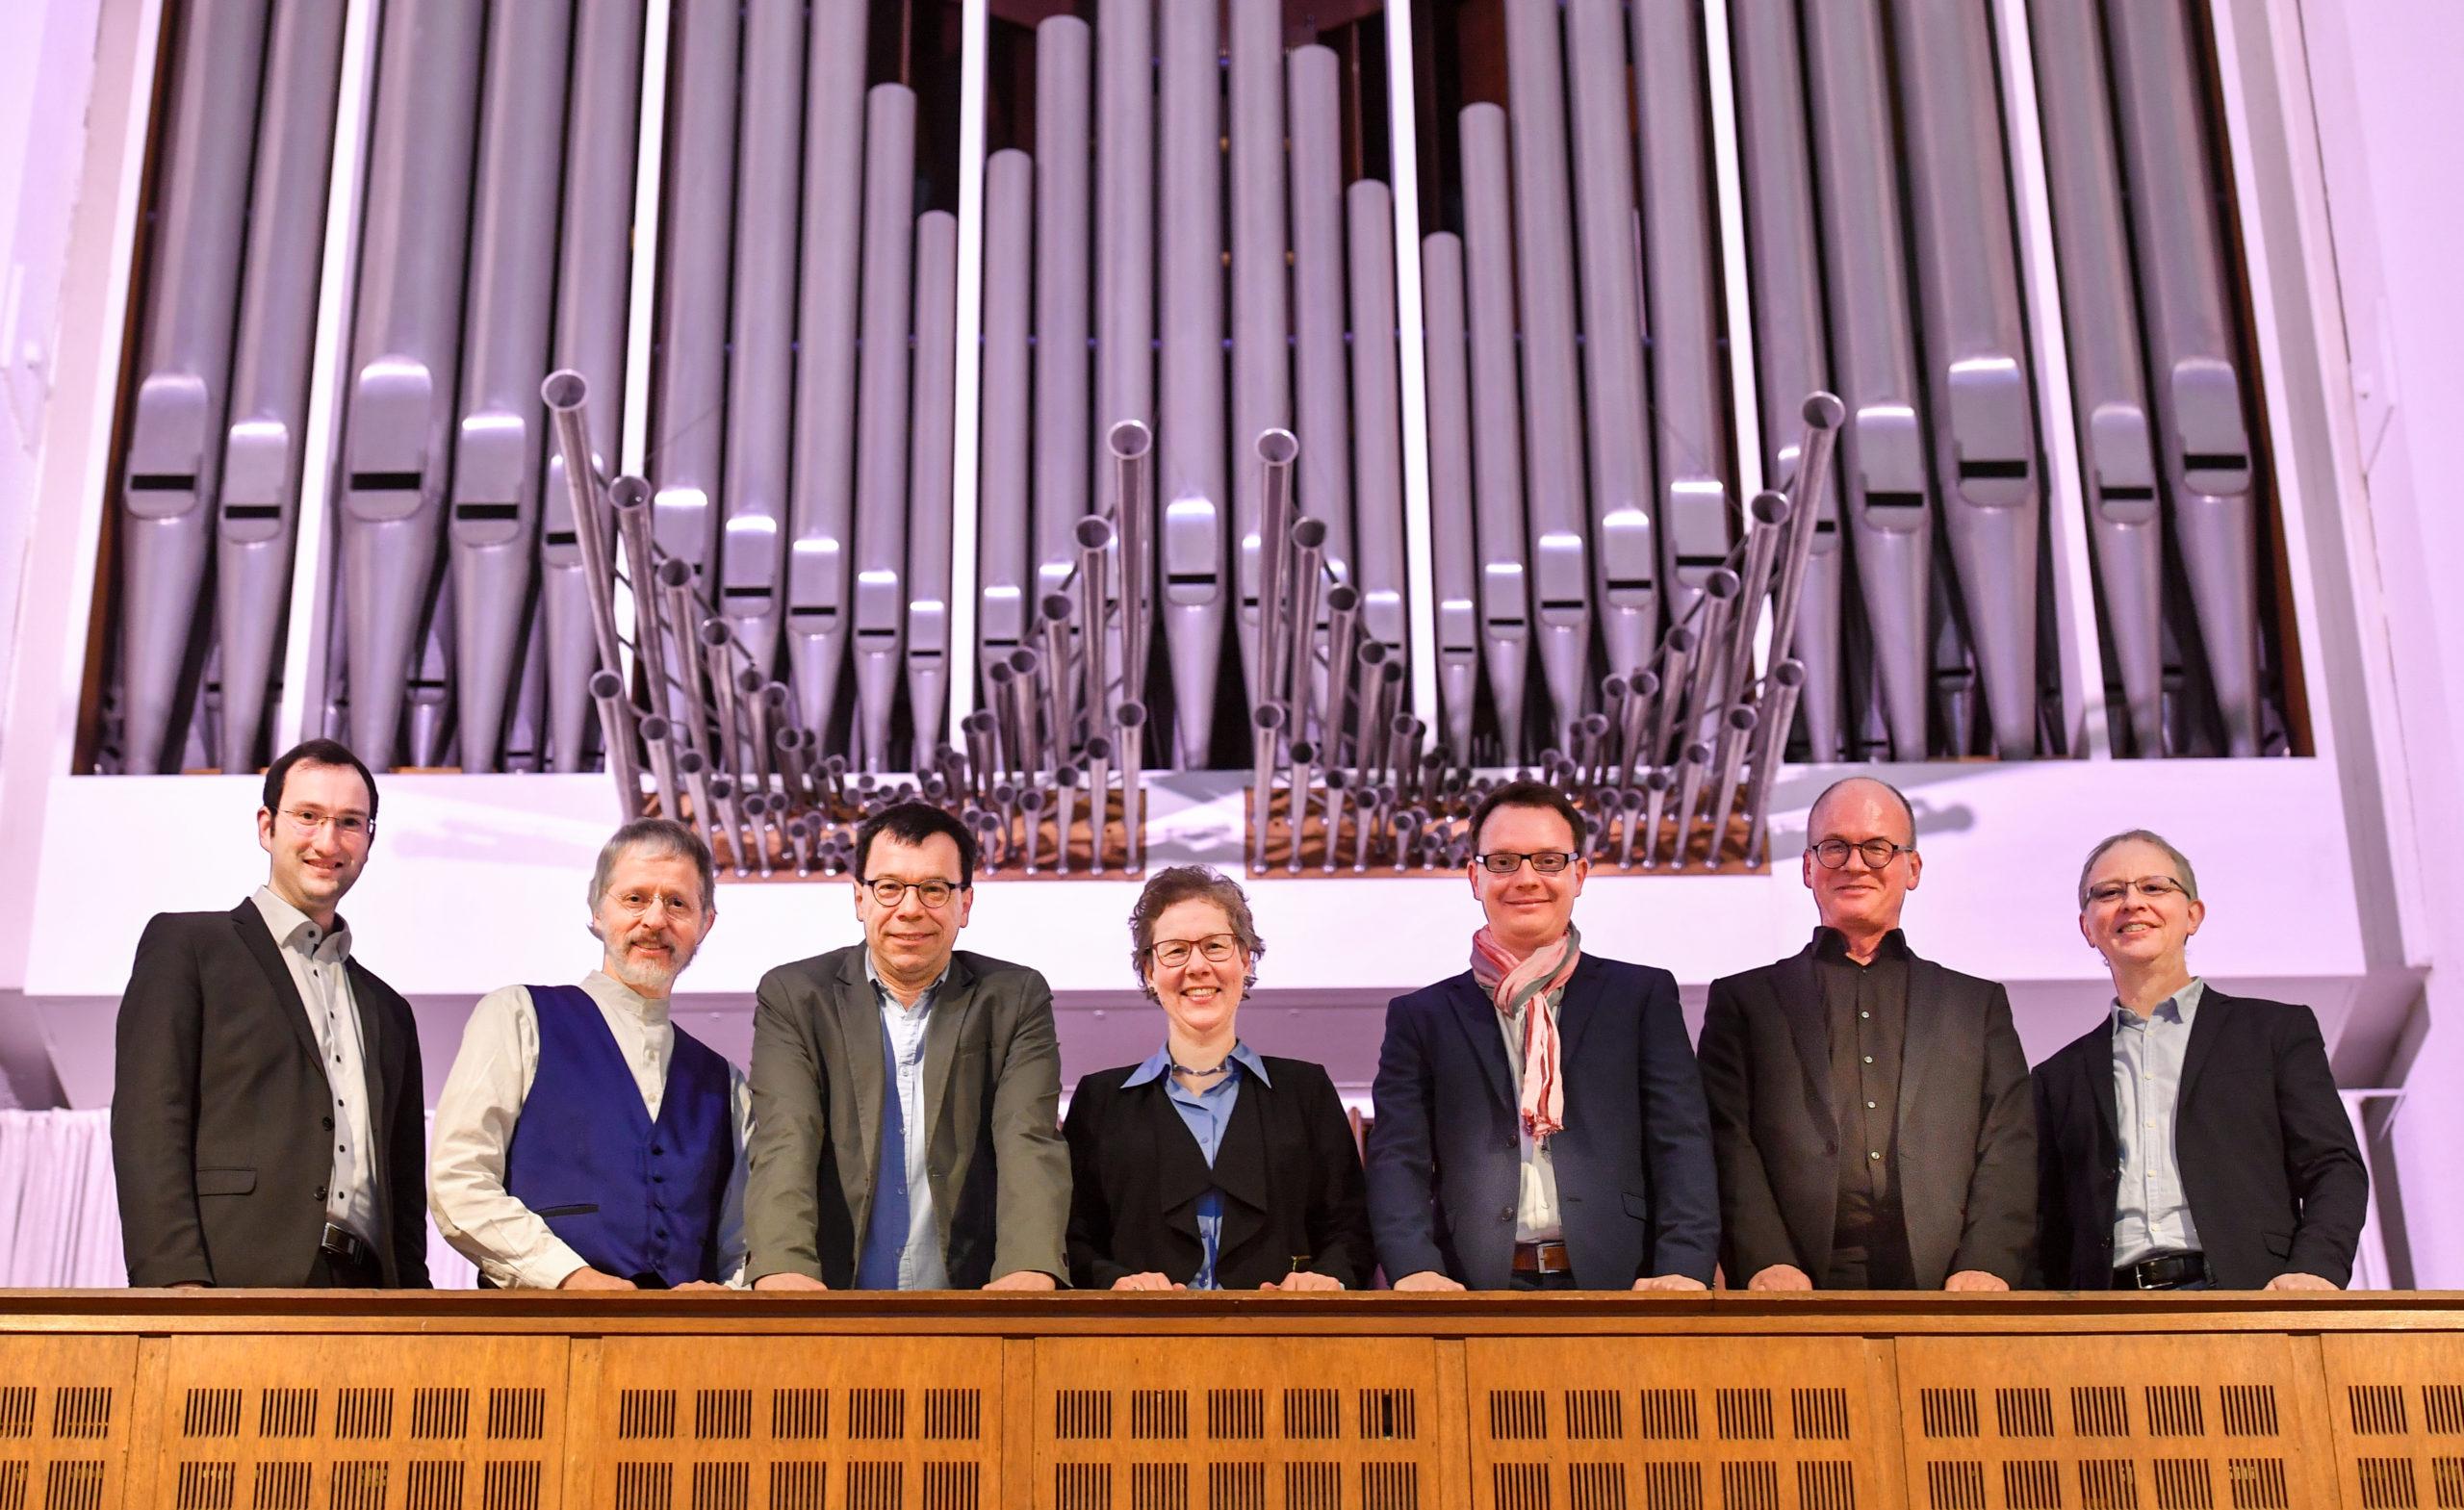 Orgelfestival.Ruhr